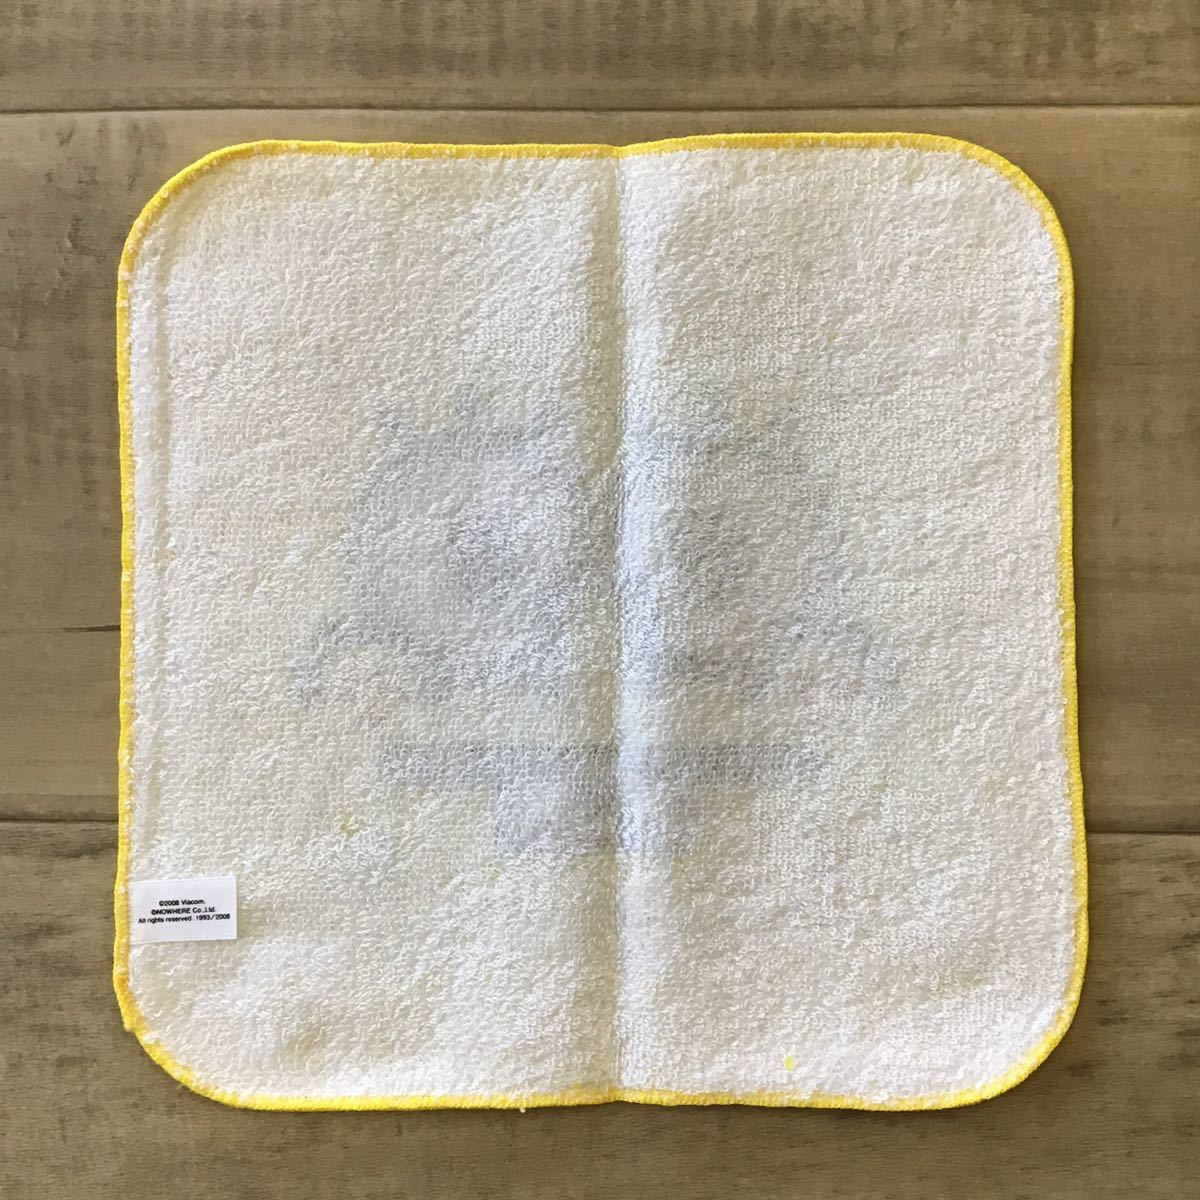 ★新品★ スポンジボブ × BAPE マイロ ハンド タオル a bathing ape baby milo sponge bob エイプ ベイプ アベイシングエイプ towel 685